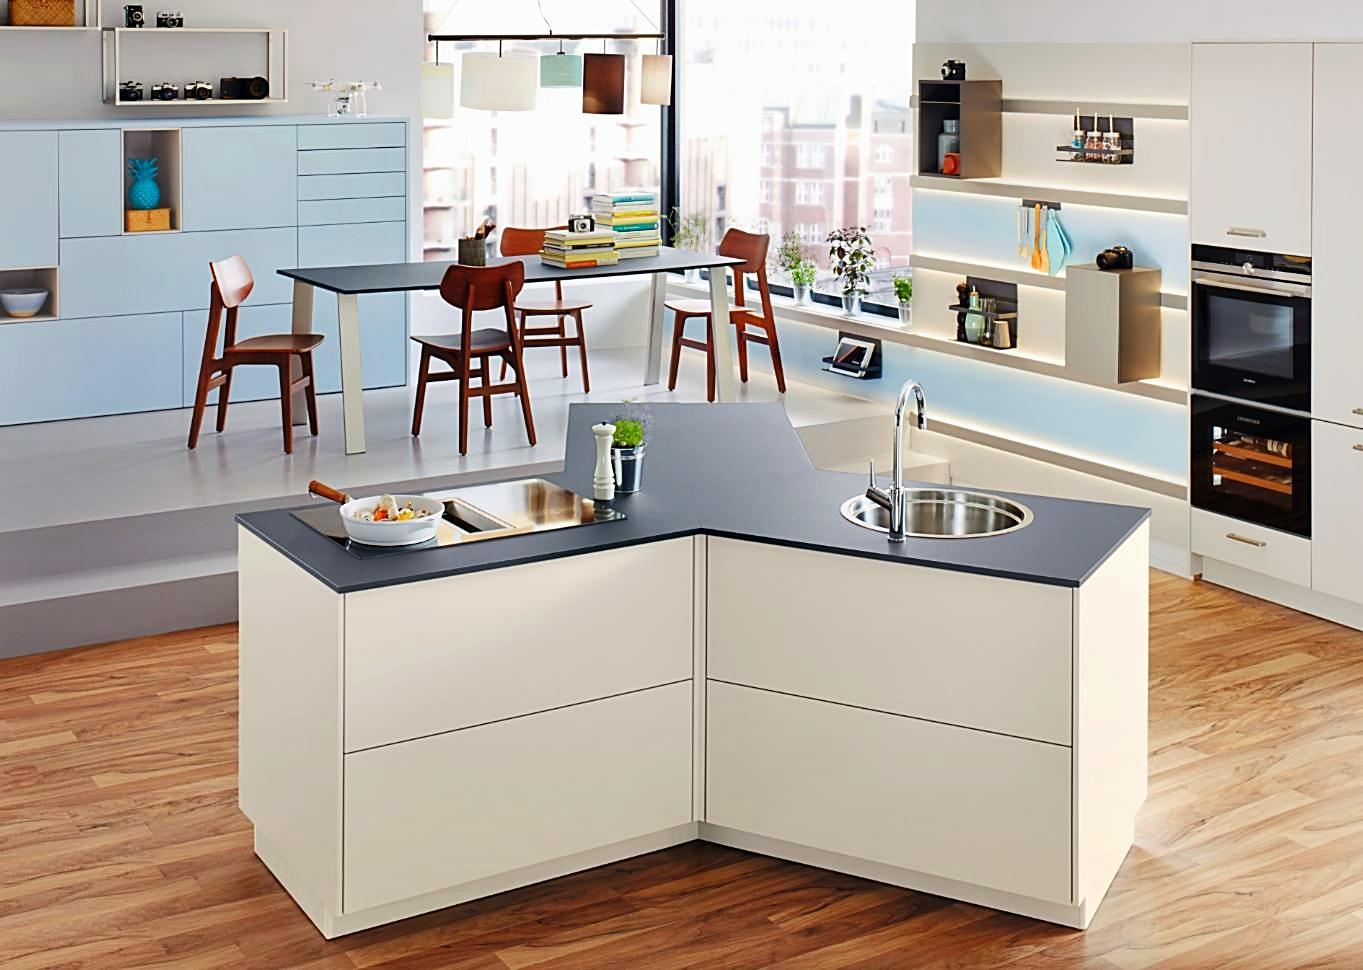 Schüller küchen grifflos  Grifflose Kueche Erfahrung , Vor- und Nachteile - Einbaukuechenwelt